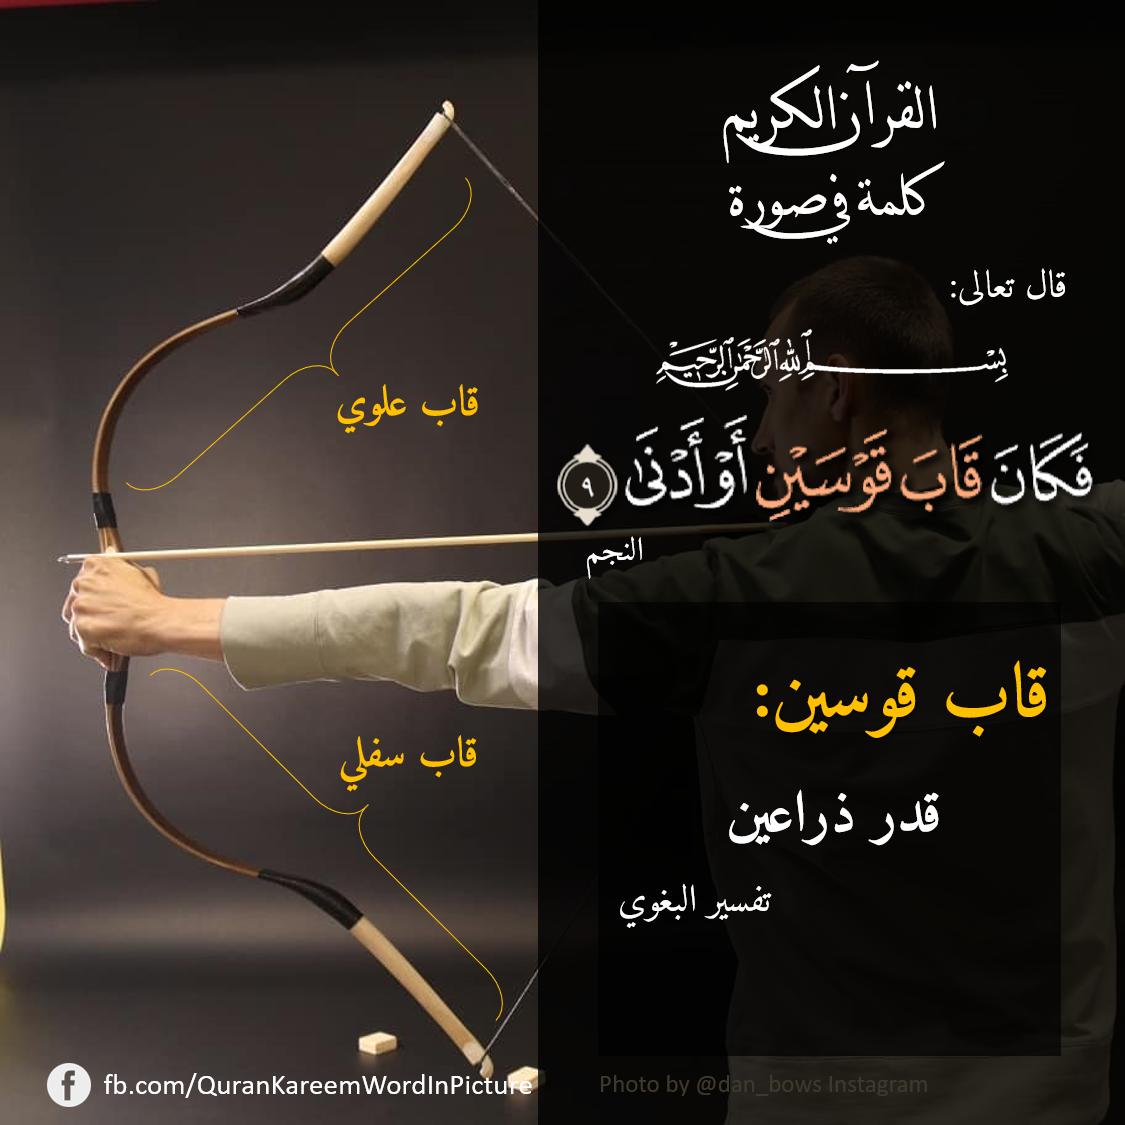 ق اب ق و س ی ن وحيدتان في آية النجم ٩ فكان قاب قوسين أو أدنى قاب قوسين قدر قوسين In 2021 Quran Hadith Sharif Islam